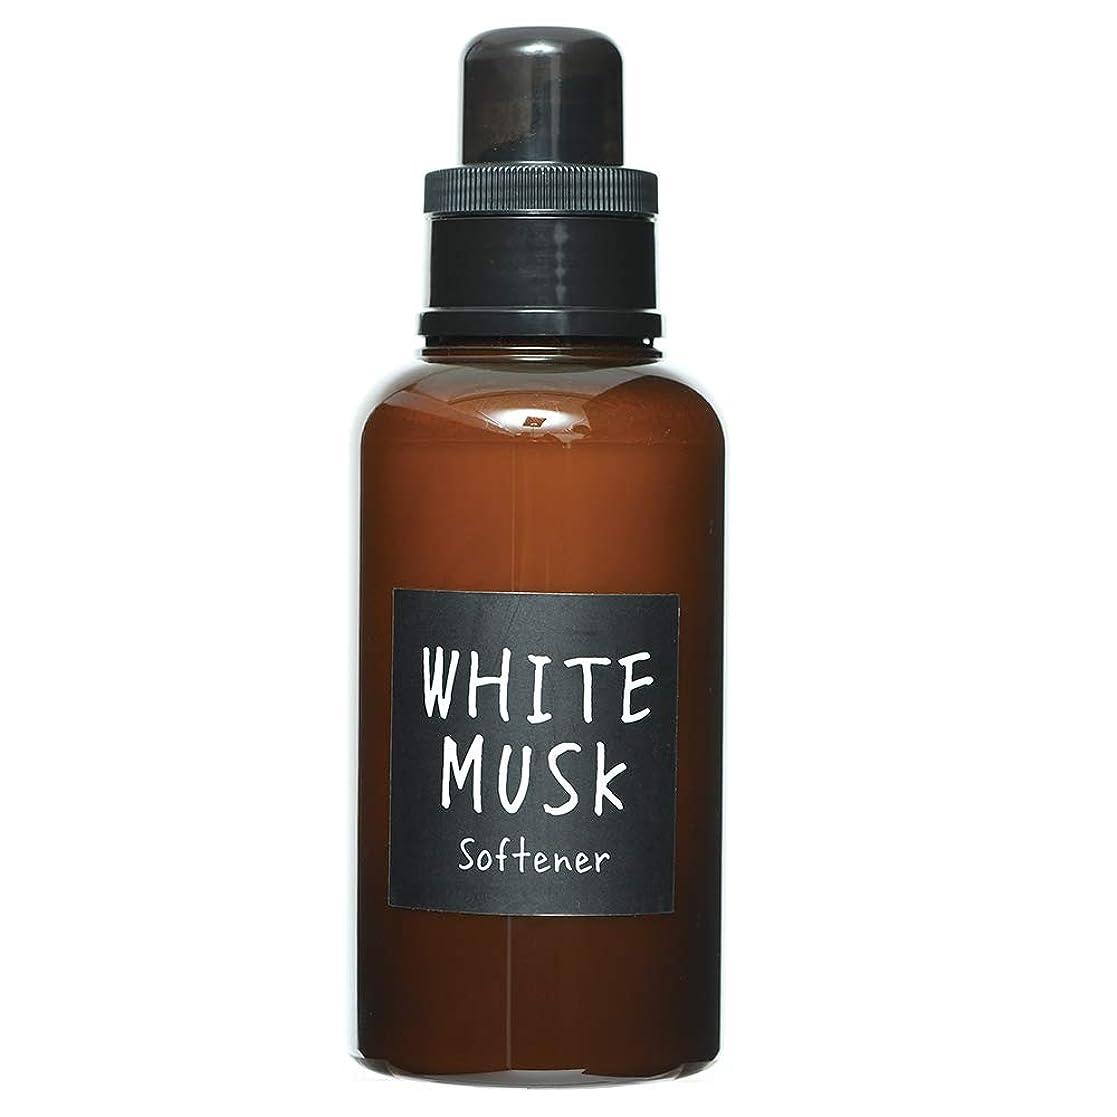 蚊やりすぎ手伝うジョンズブレンド 柔軟剤 ソフナー 510ml ホワイトムスクの香り OA-JON-15-1